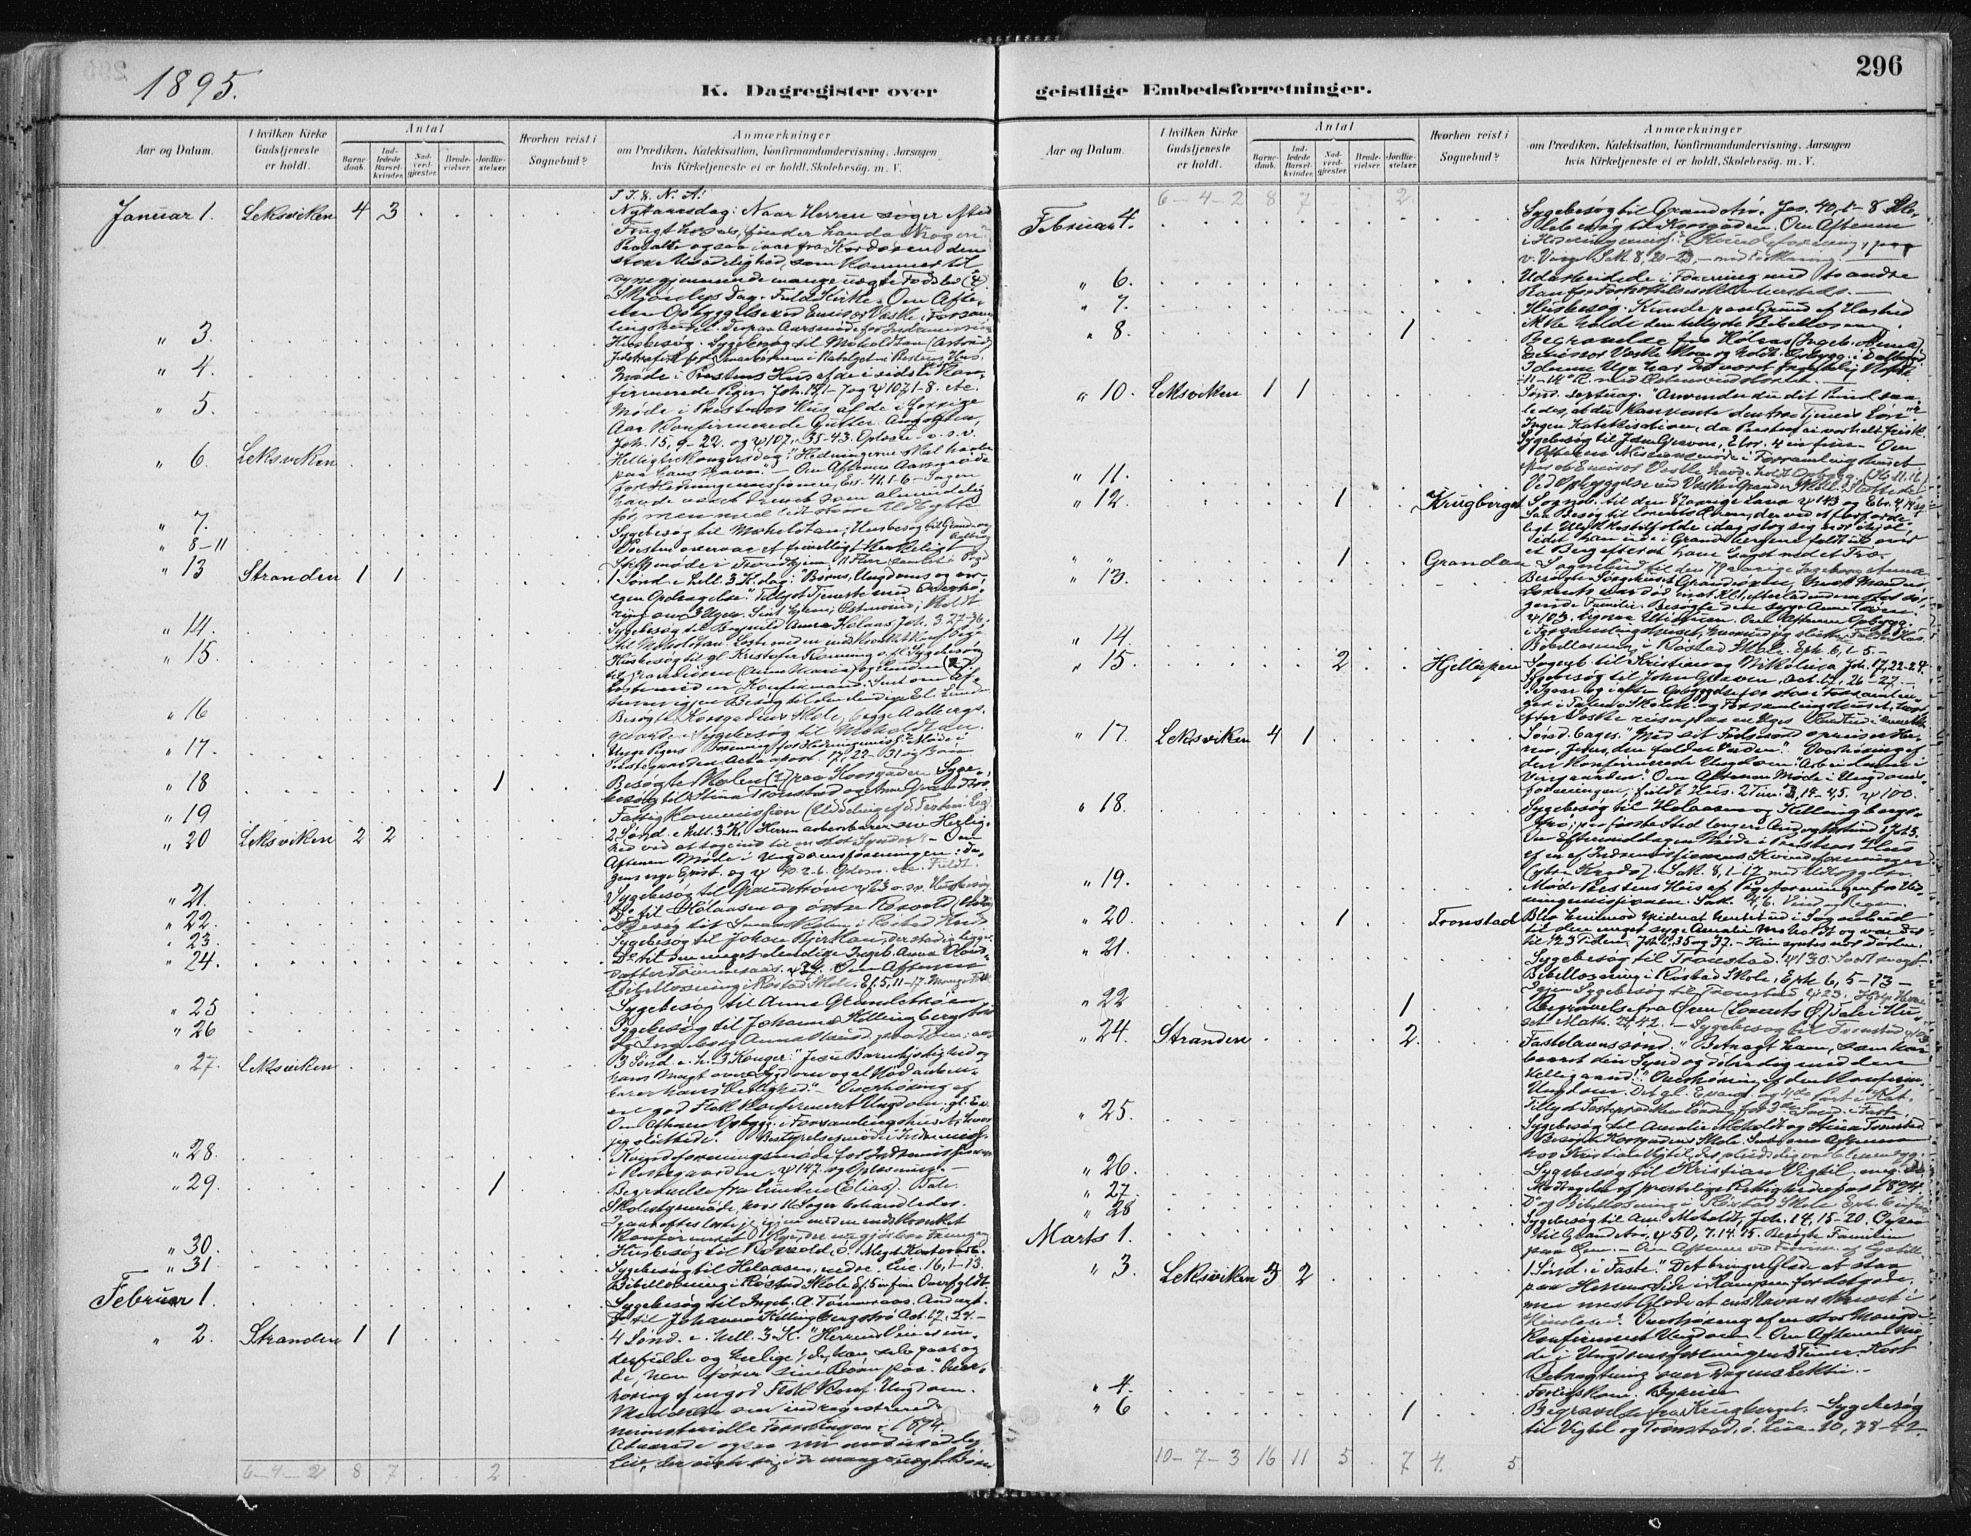 SAT, Ministerialprotokoller, klokkerbøker og fødselsregistre - Nord-Trøndelag, 701/L0010: Ministerialbok nr. 701A10, 1883-1899, s. 296